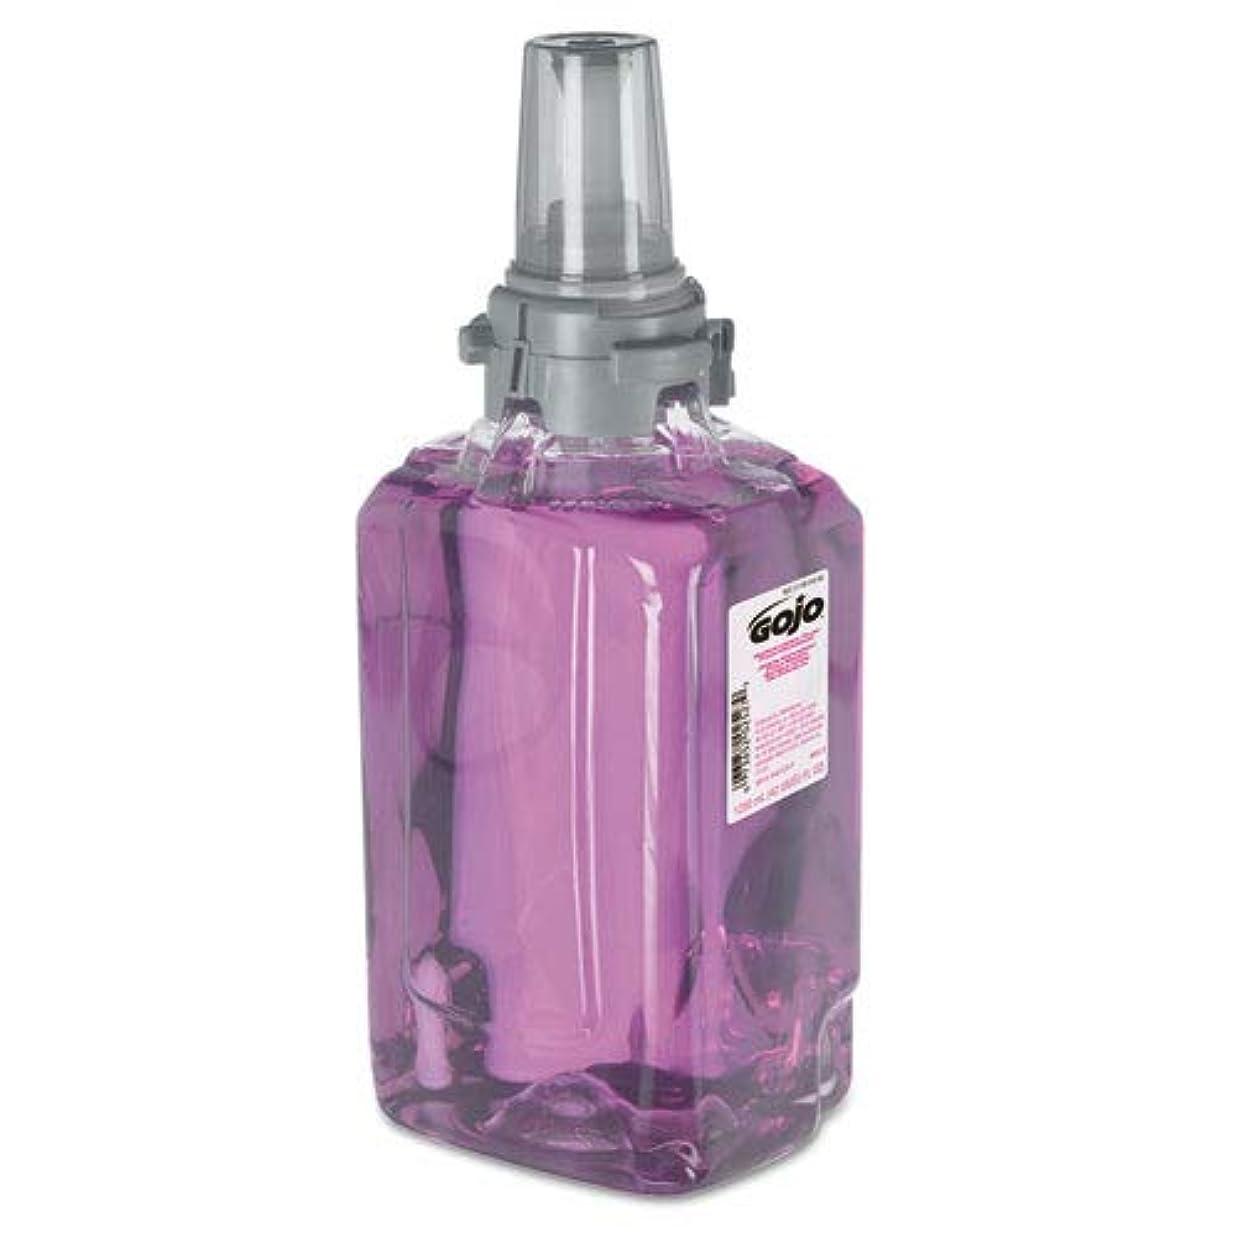 過敏な触覚ハウスgoj881203ct – 抗菌Foam Handwash